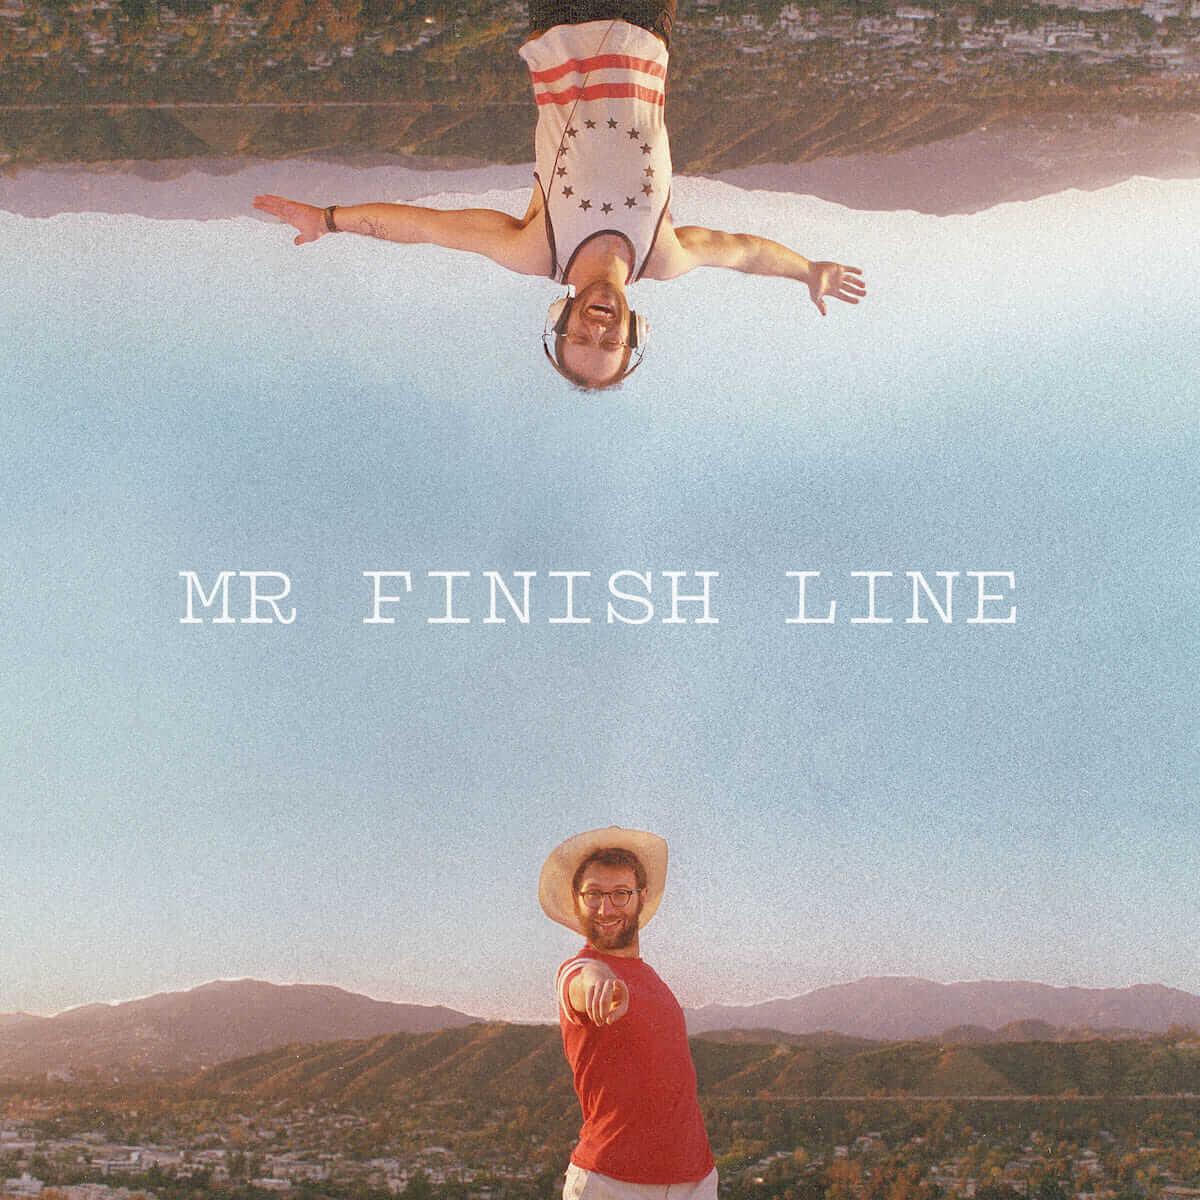 音楽好きなら押さえてる?要注目バンド「VULFPECK」ニュー・アルバム『Mr. Finish Line』の日本盤限定盤が発売決定!TENDREも絶賛! 180328music_vulfpeck_01-1200x1200